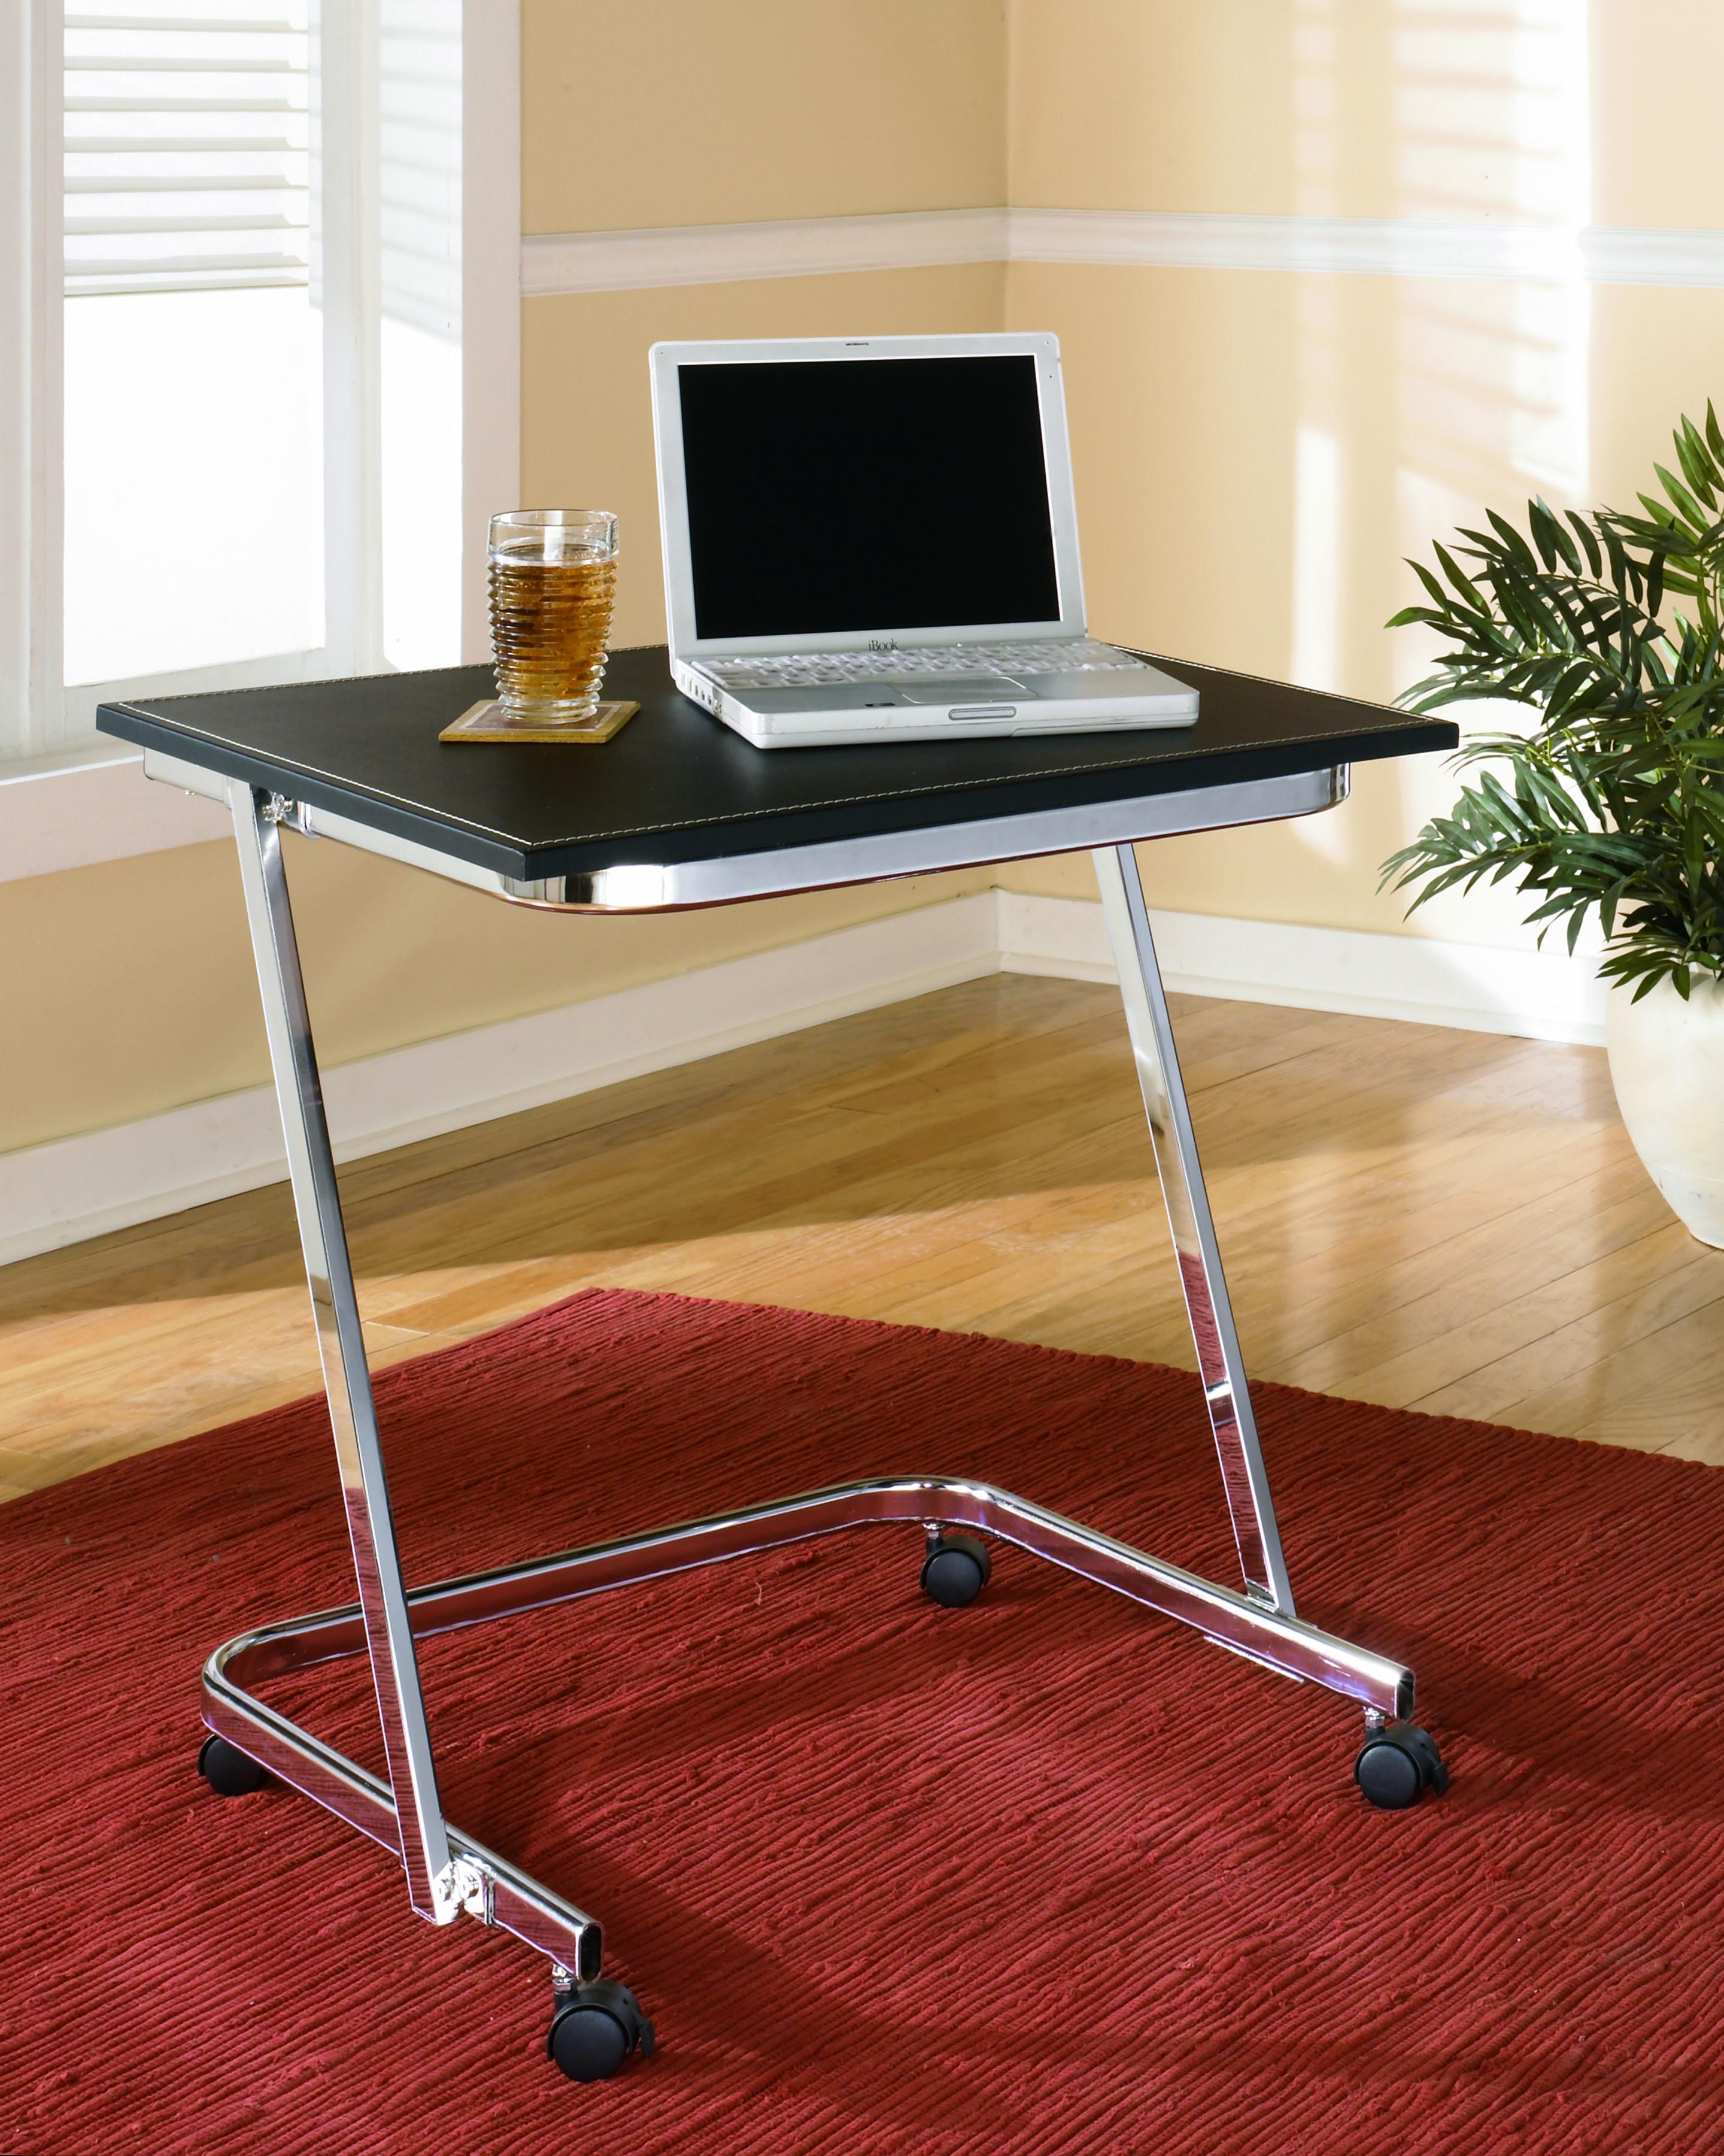 Как сделать стол из подоконника: инструкция 24